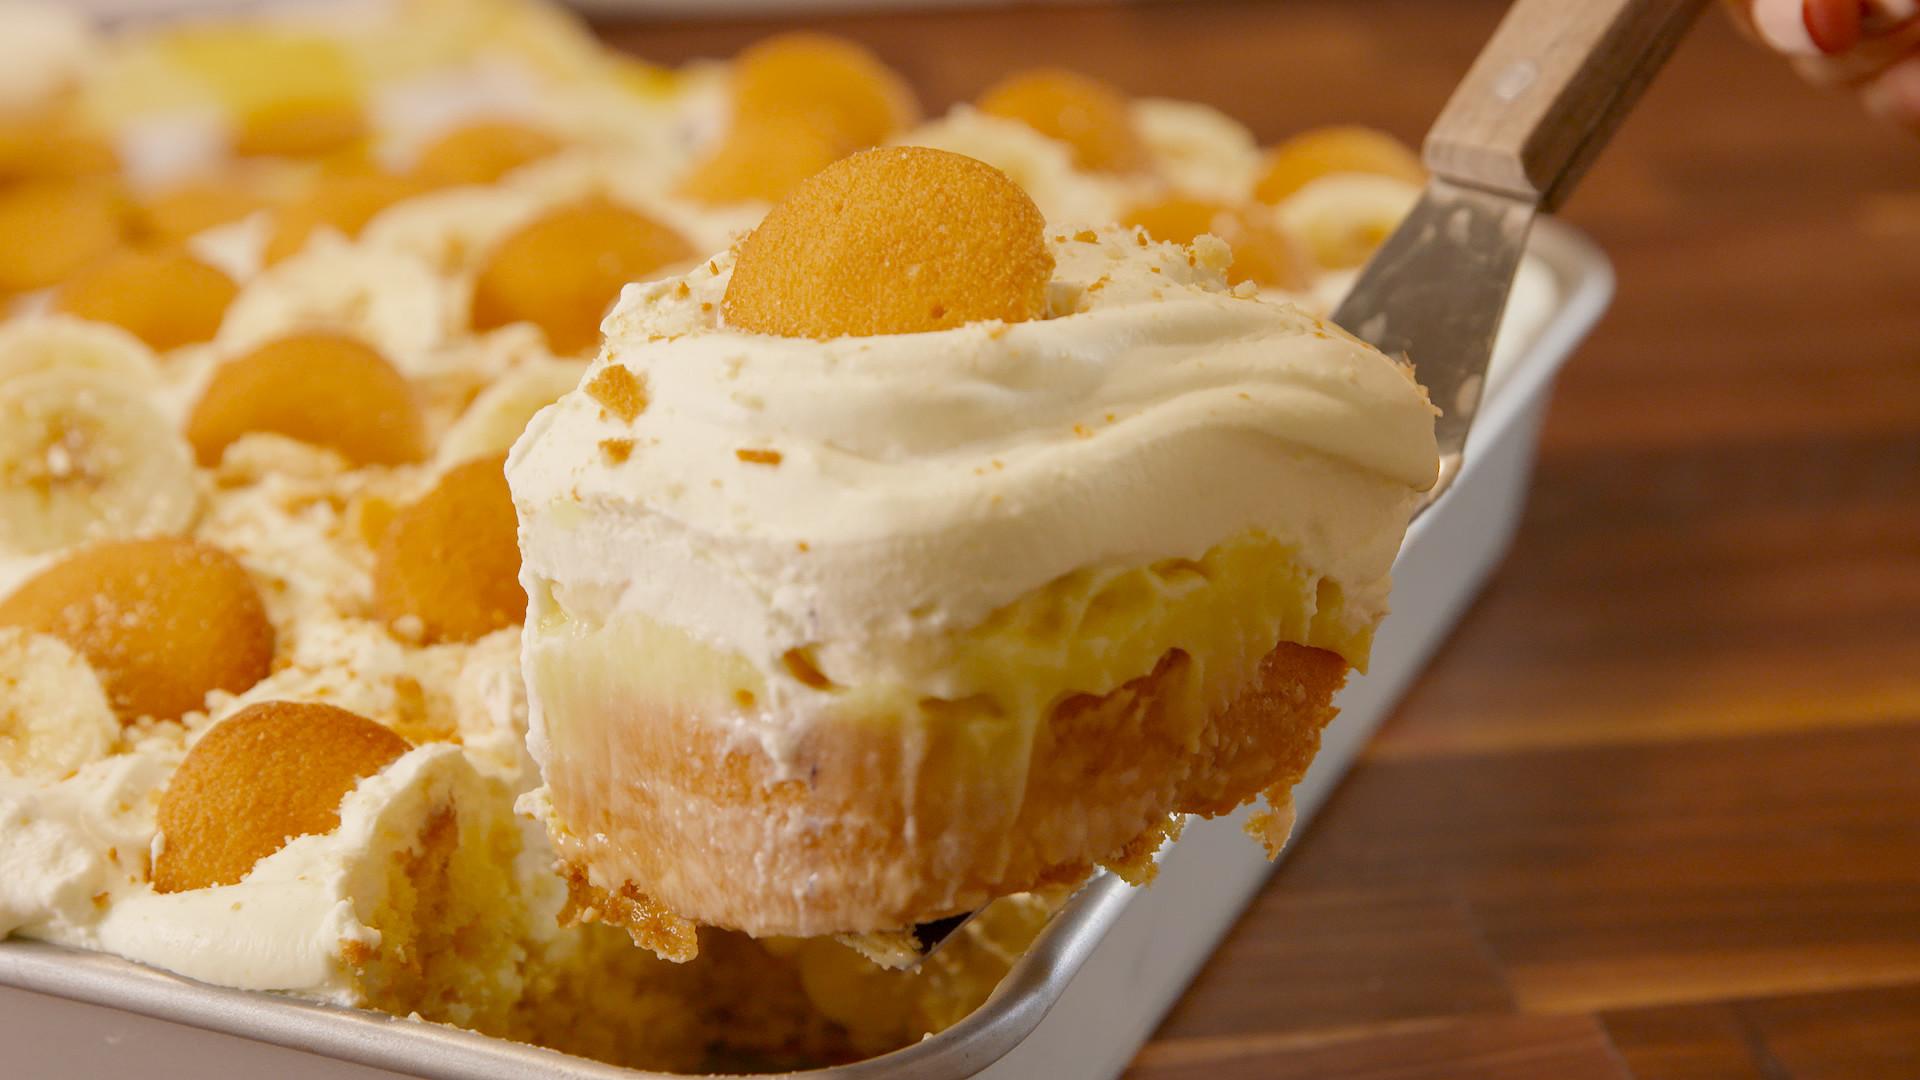 Easy Baking Dessert Recipes  70 Easy Dessert Recipes – Ideas for Easiest Homemade